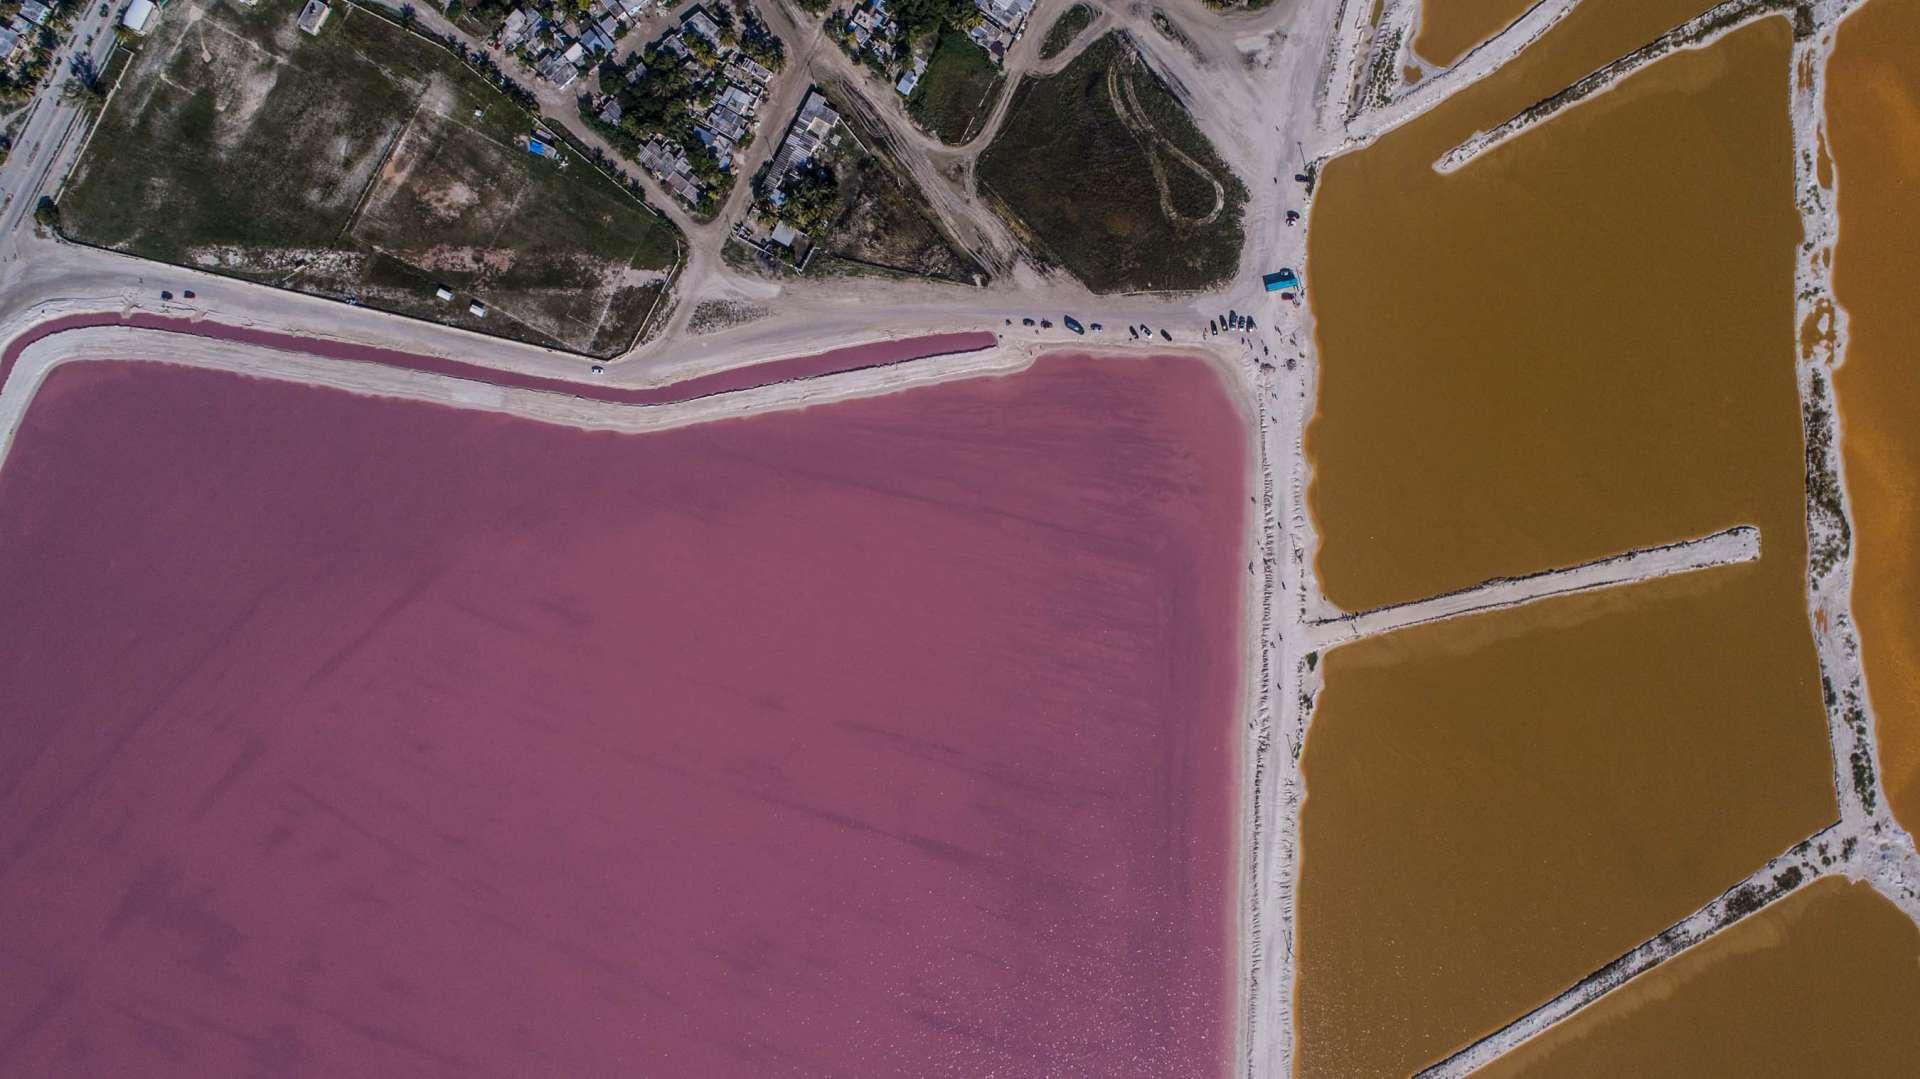 Pink lagoons Las Coloradas Yucatan Mexico Aerial View by drone Enrico Pescantini 4